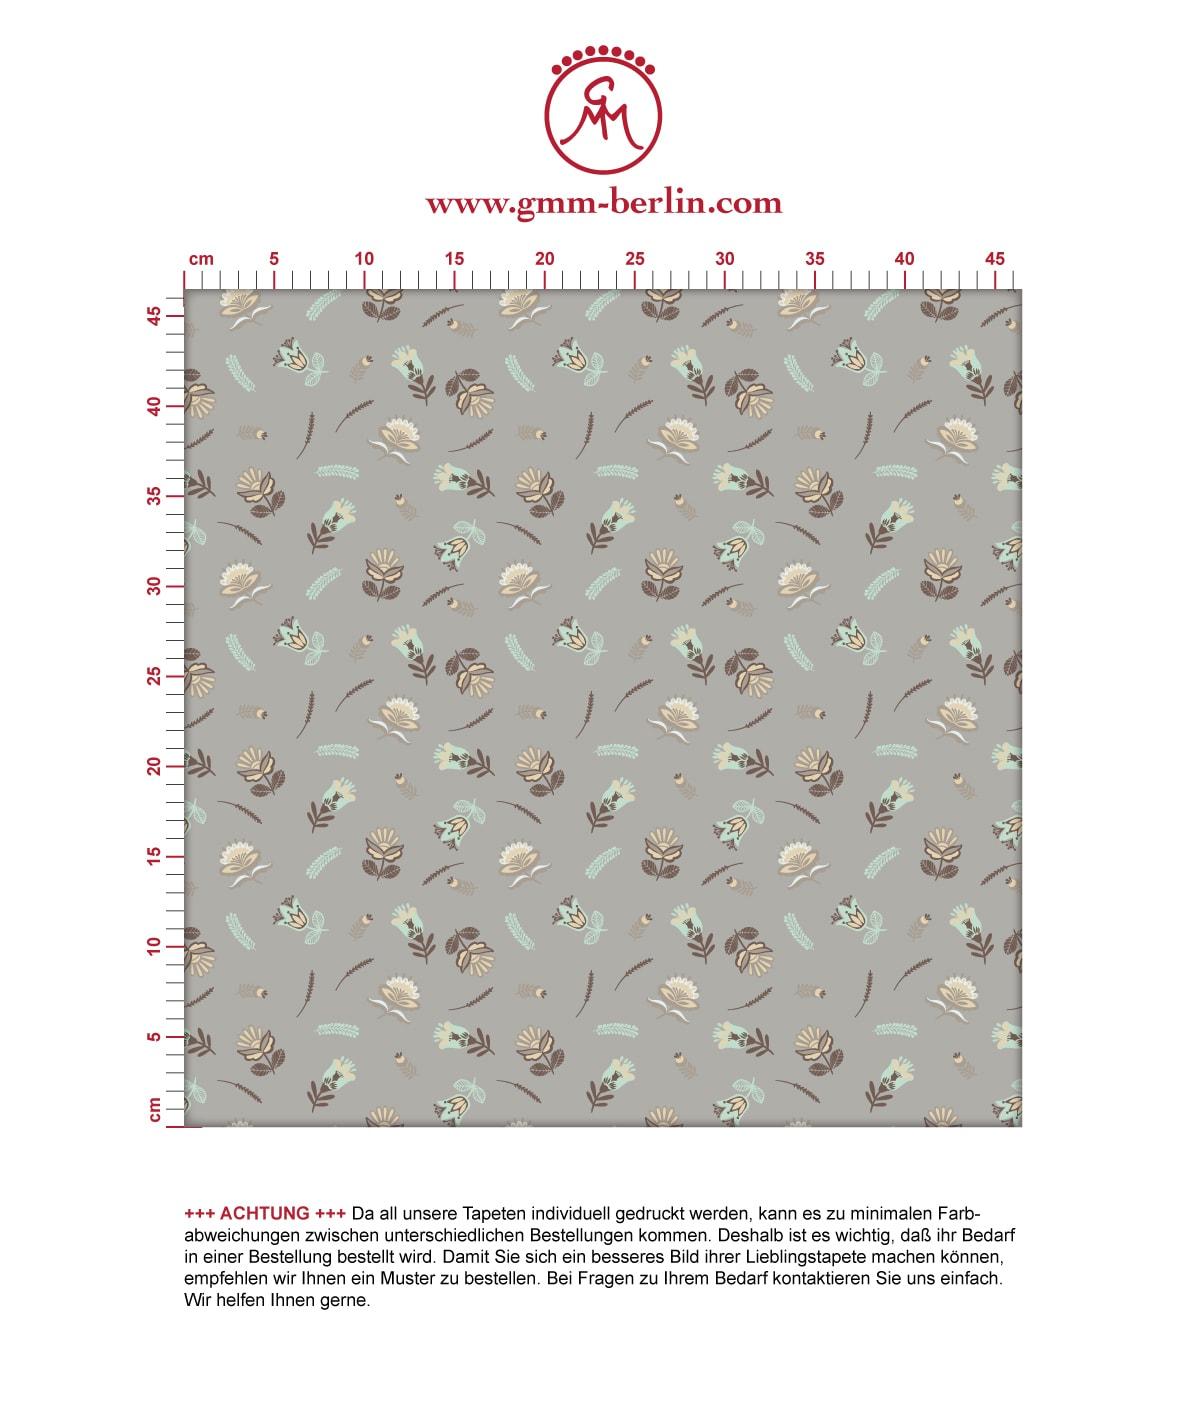 Braune Streublümchen Tapete mit kleinen Blüten, Vlies Tapete Blumen, folklore Blumentapete für Flur, Büro. Aus dem GMM-BERLIN.com Sortiment: Schöne Tapeten in der Farbe: braun